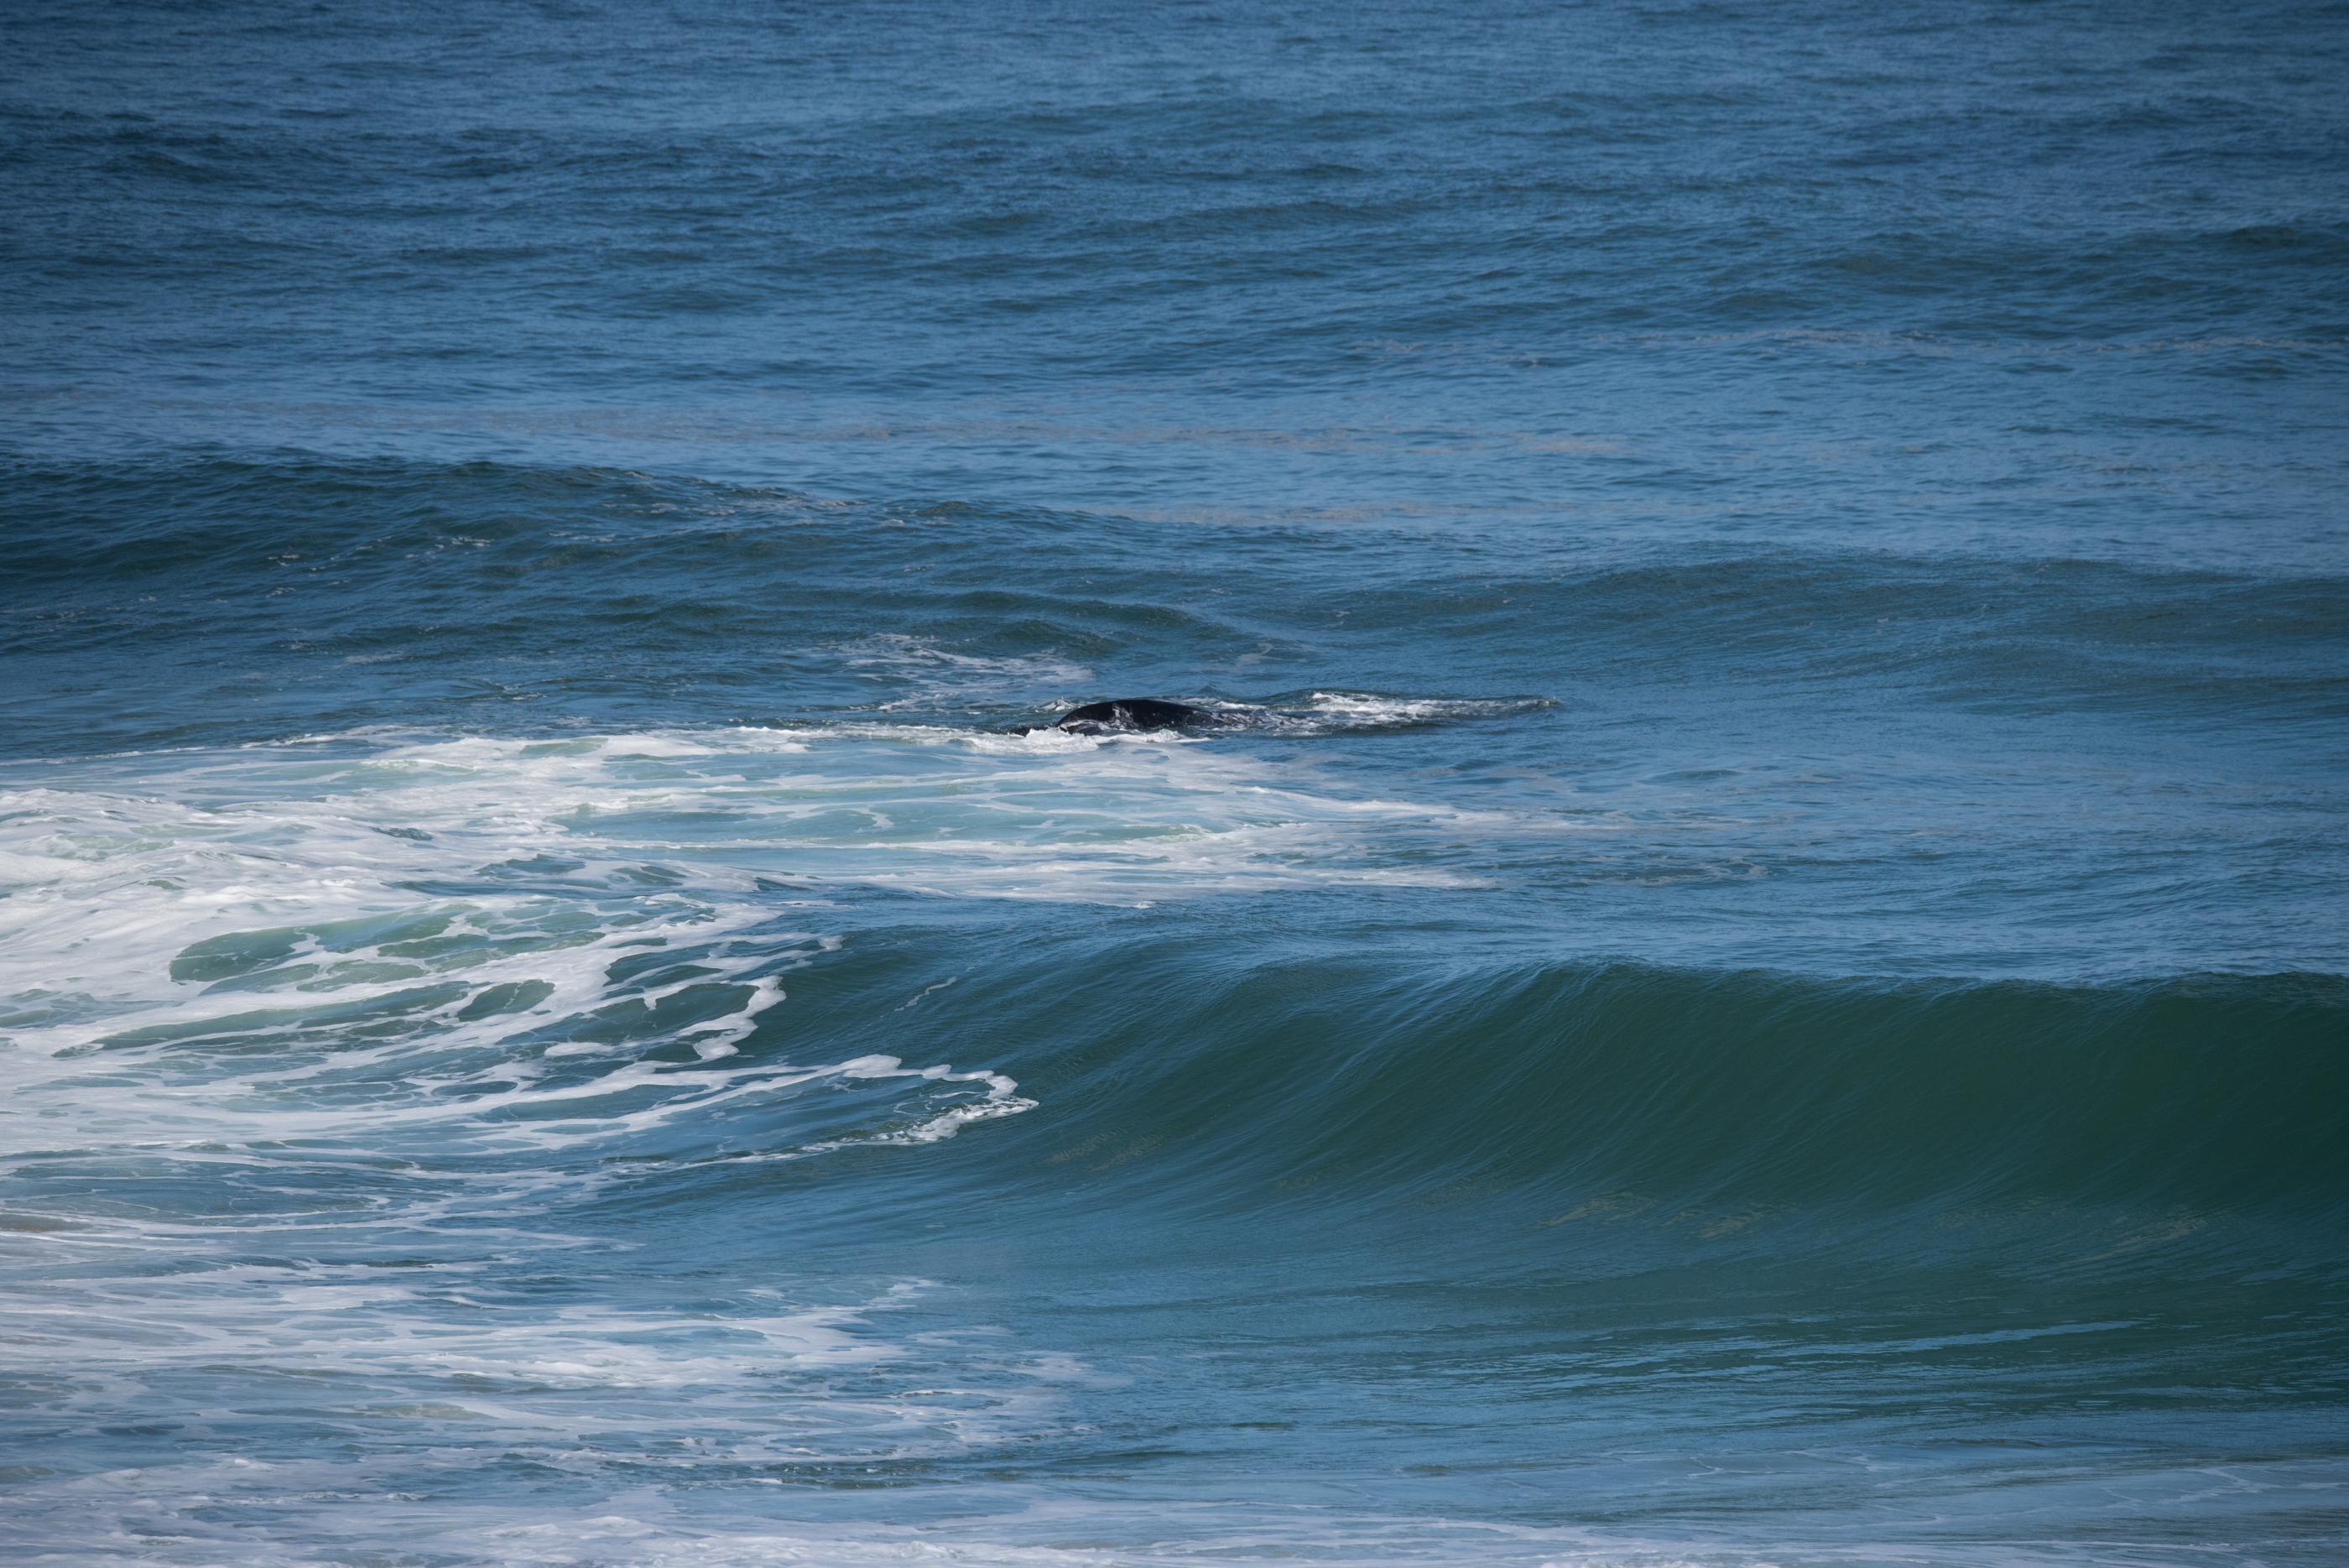 John Langmead_Warrnambool Whales_6440_20180822_Online